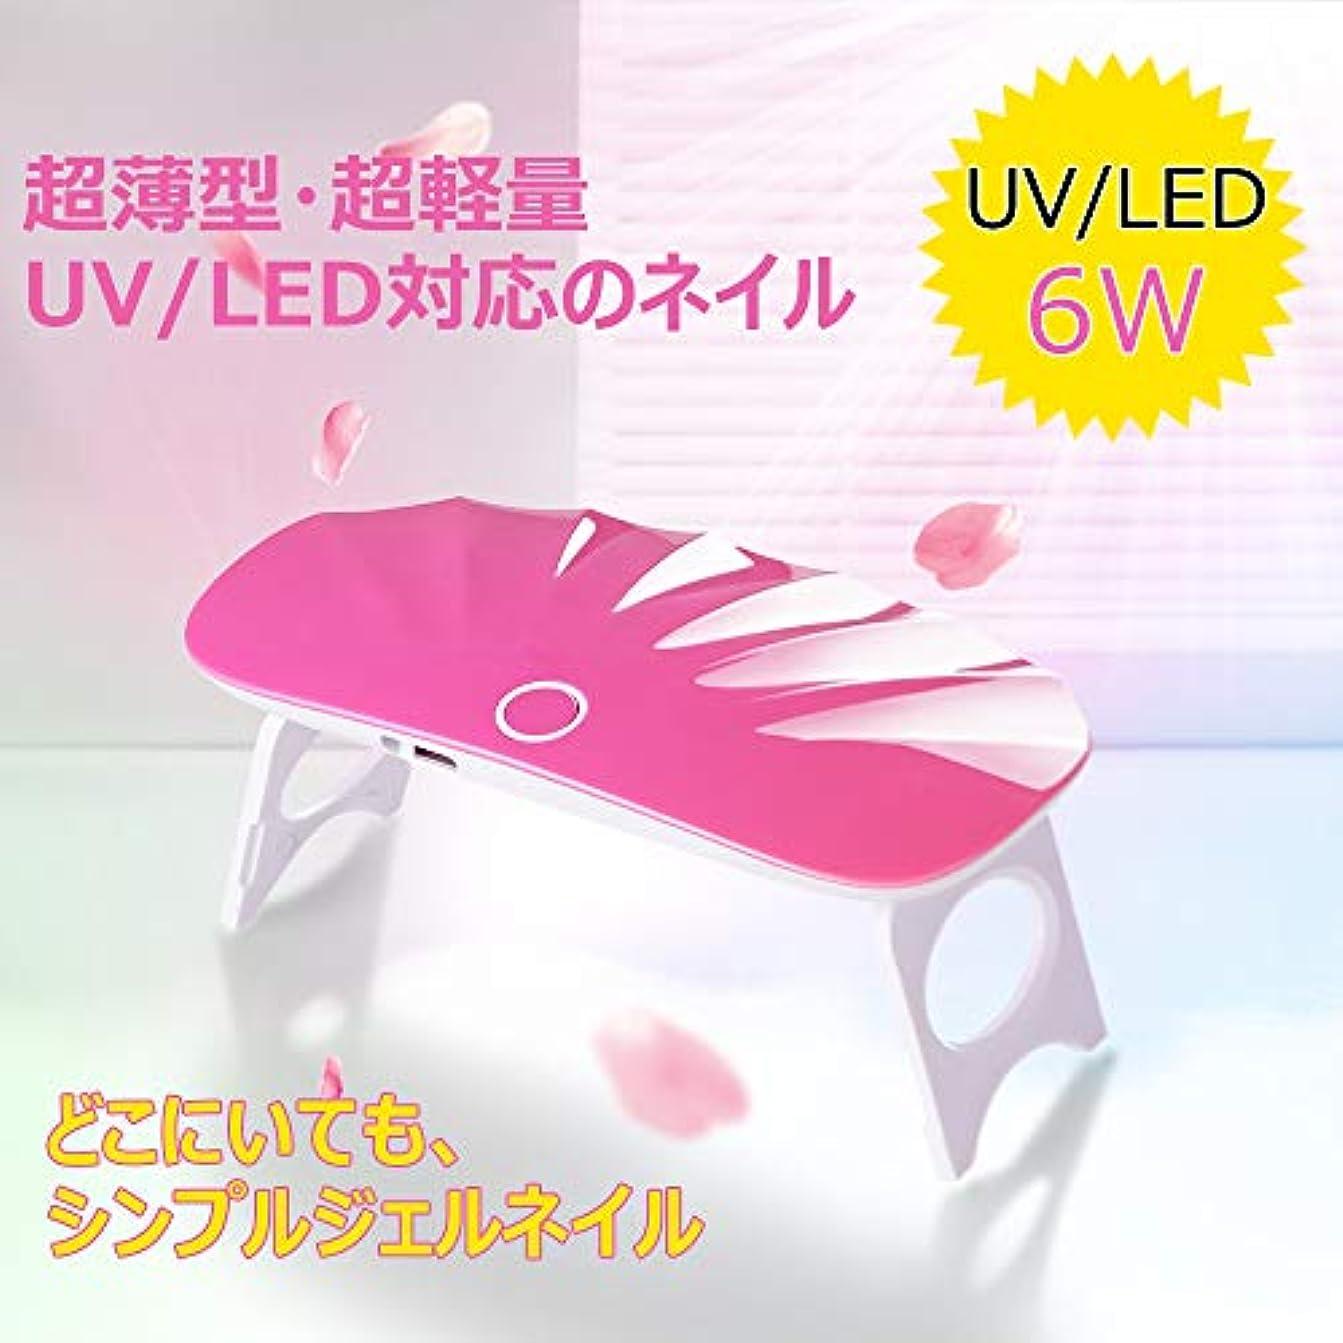 素晴らしさ驚かすコマースコンパクト/シンプル LED6Wネイルライト LEDジェル?UVジェル?UVレジンにも対応 マーメイドシェルライト (ピンク)